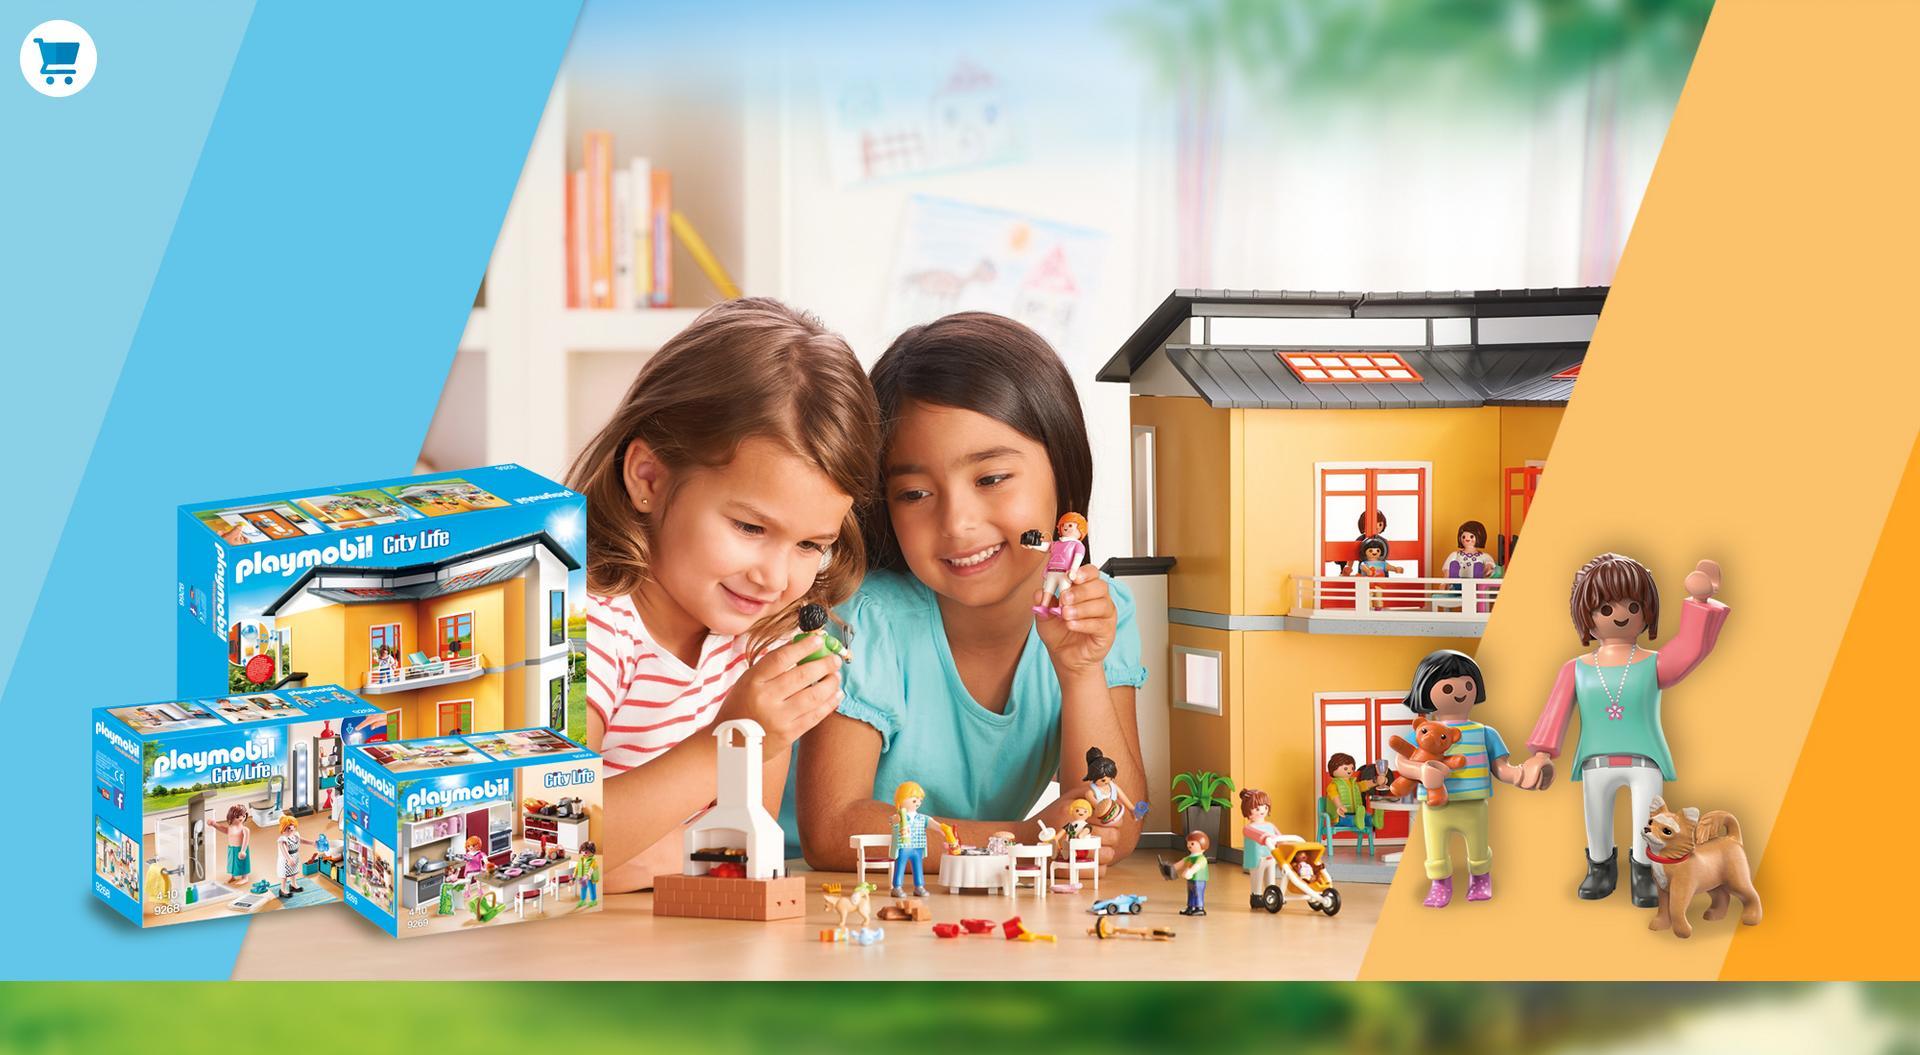 Playmobil jouets boutique officielle france playmobil france - Toute les maison playmobil ...